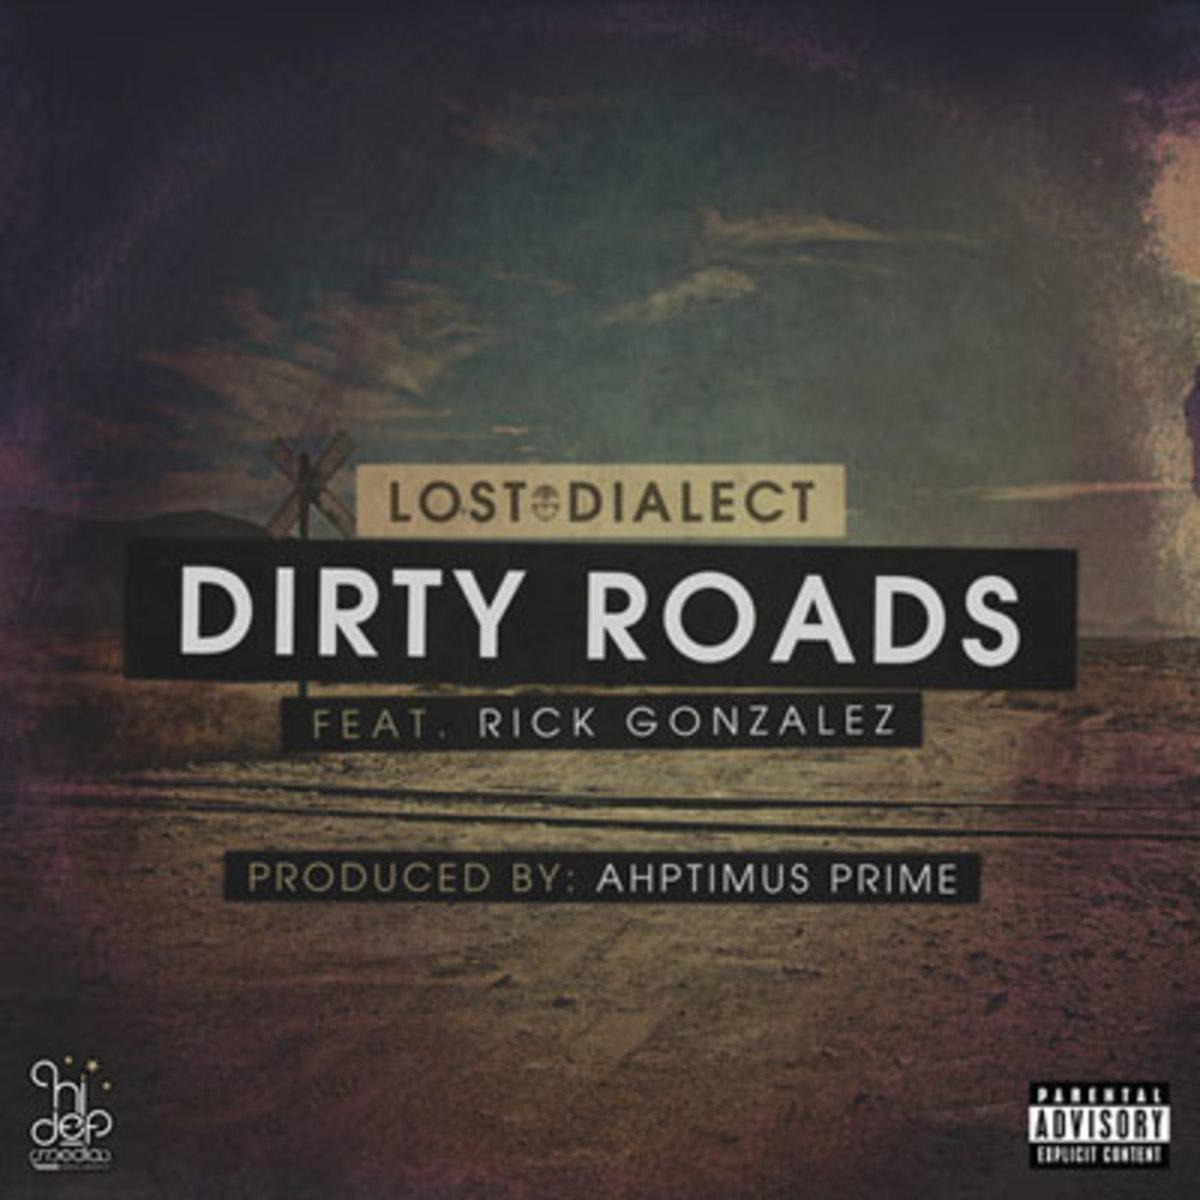 lostdialect-dirtyroads.jpg